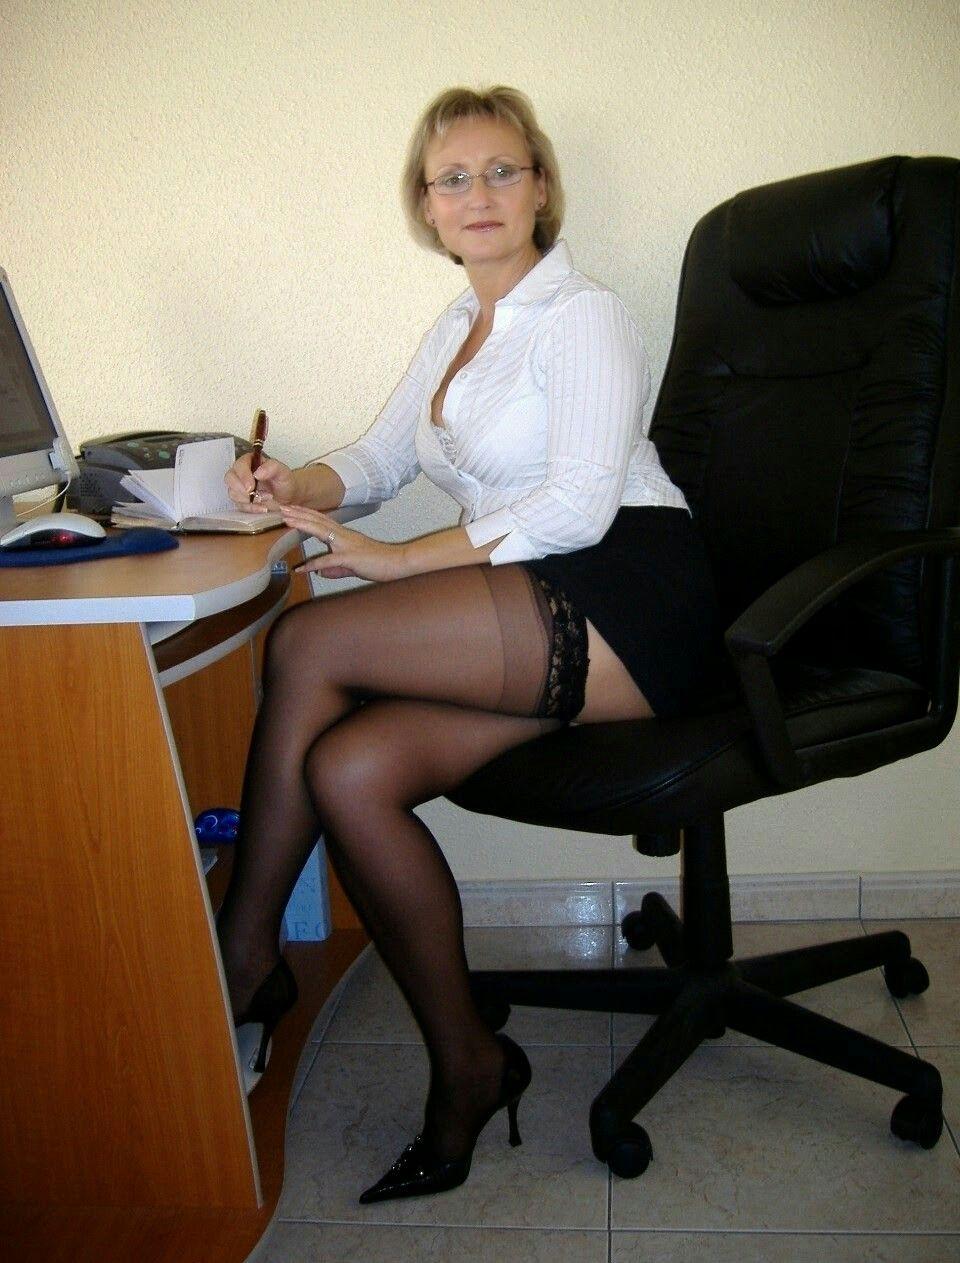 pinnicola ioan on mature sexy | pinterest | woman